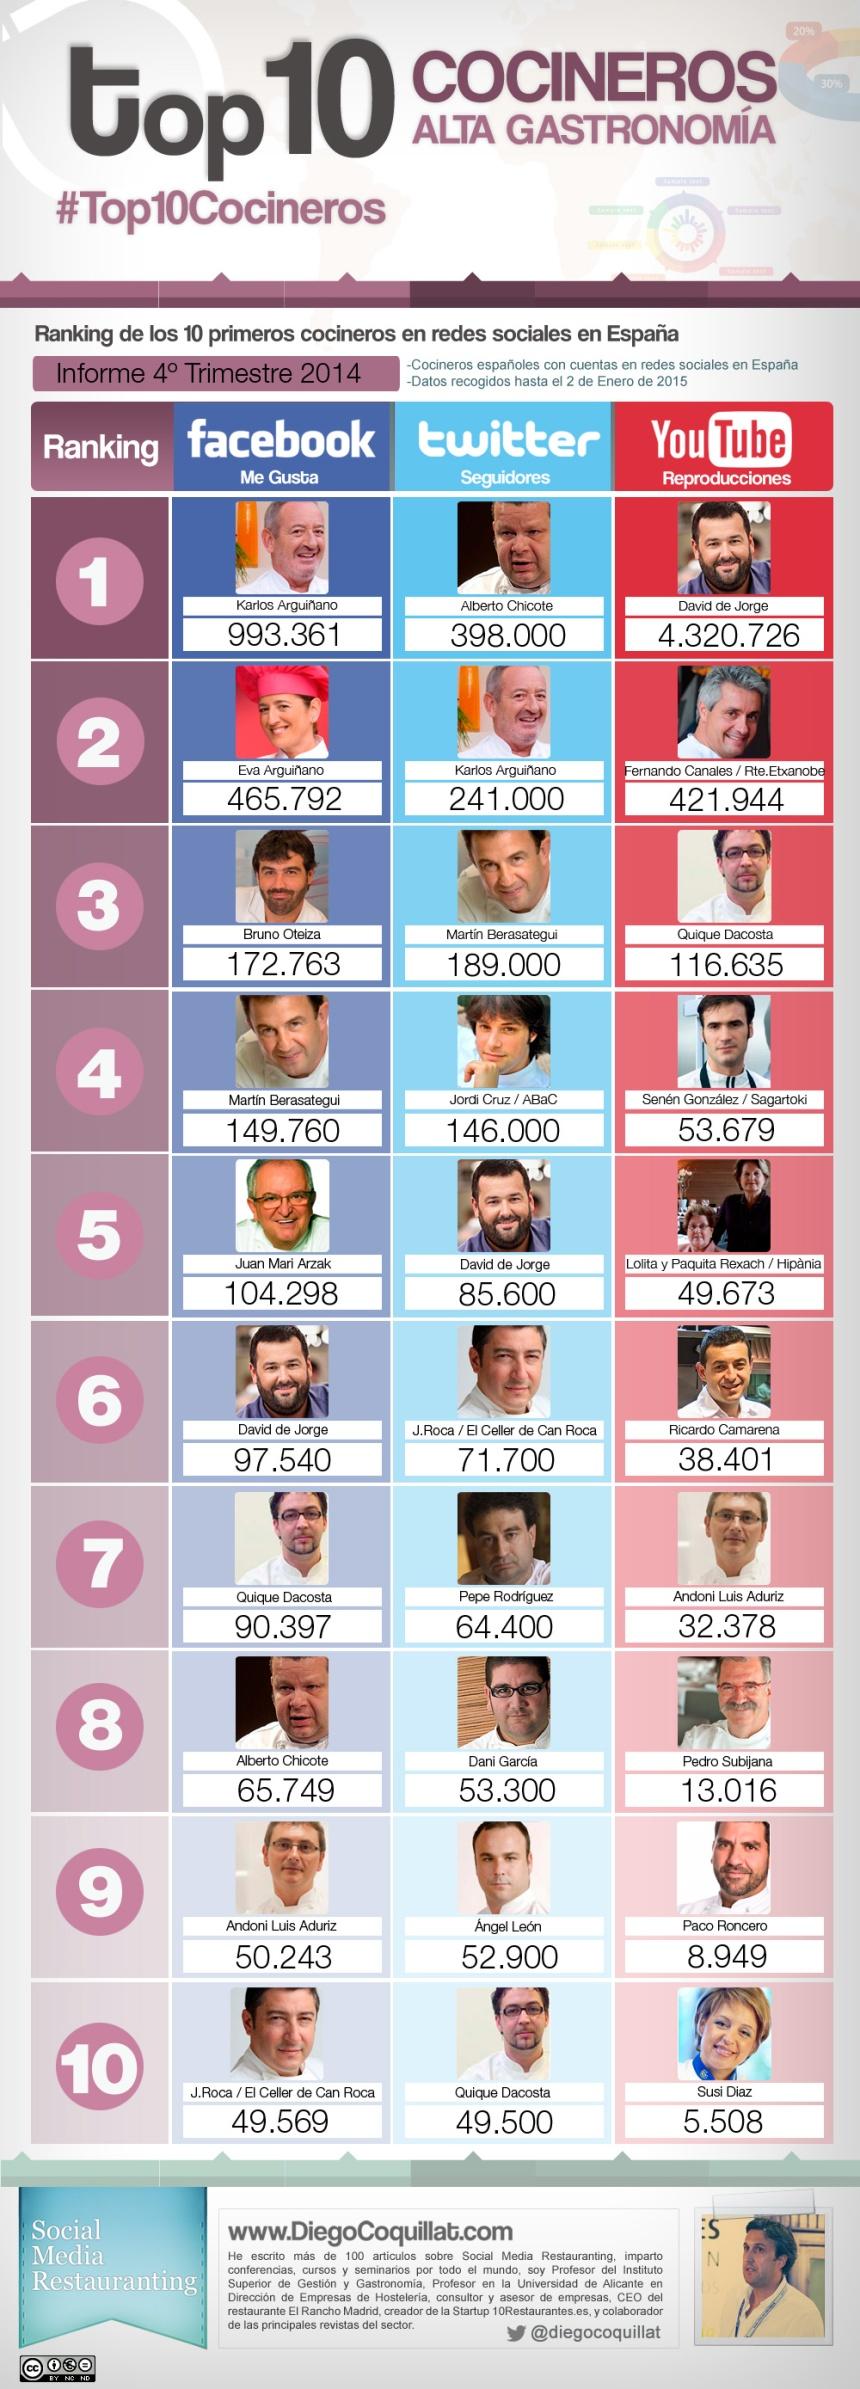 Top 10 cocineros en Redes Sociales (España 4T/2014)